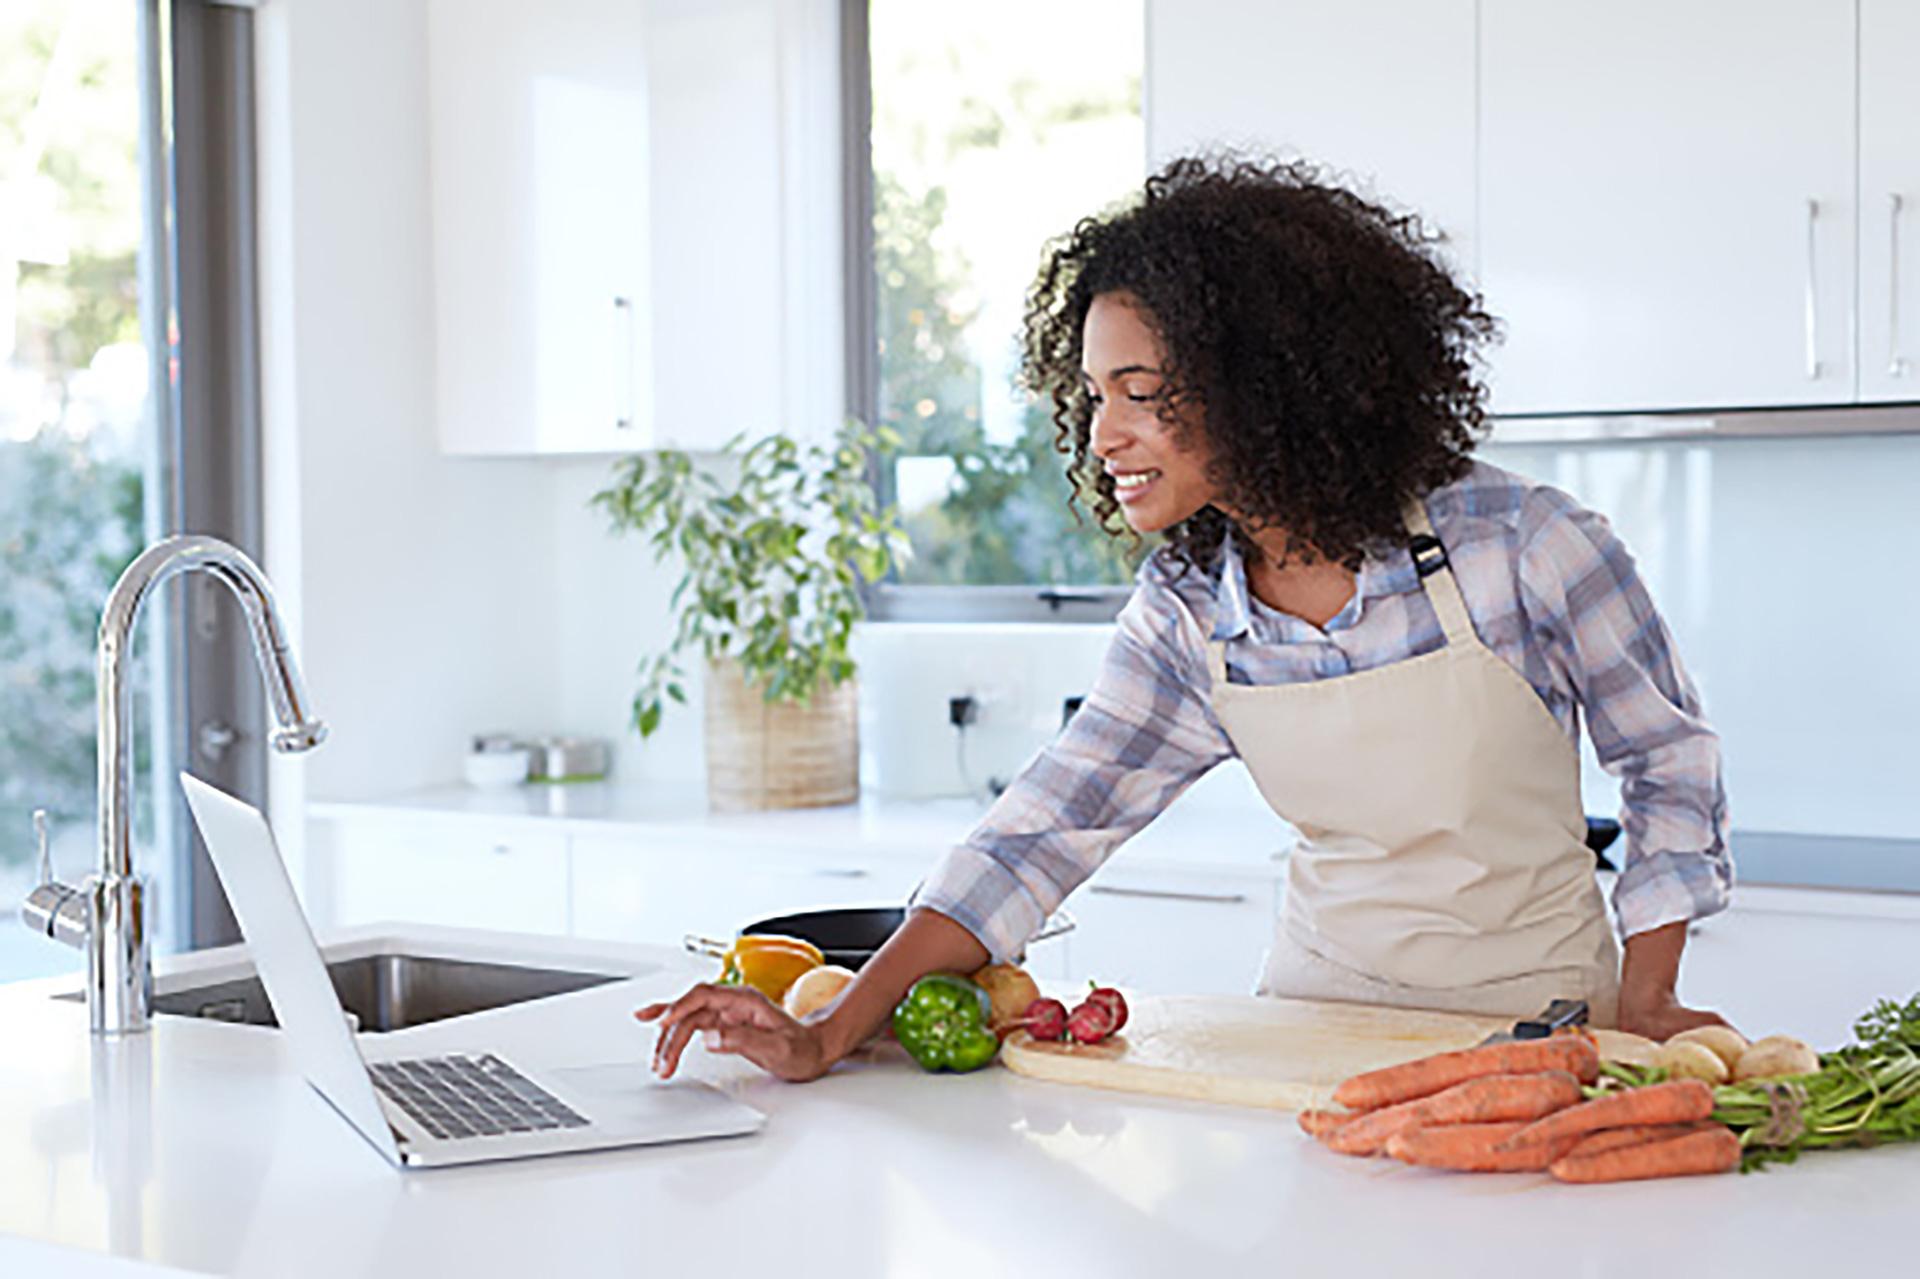 Trucos para preparar una comida deliciosa y nutritiva en 10 minutos cuando tenés una agenda muy ocupada.